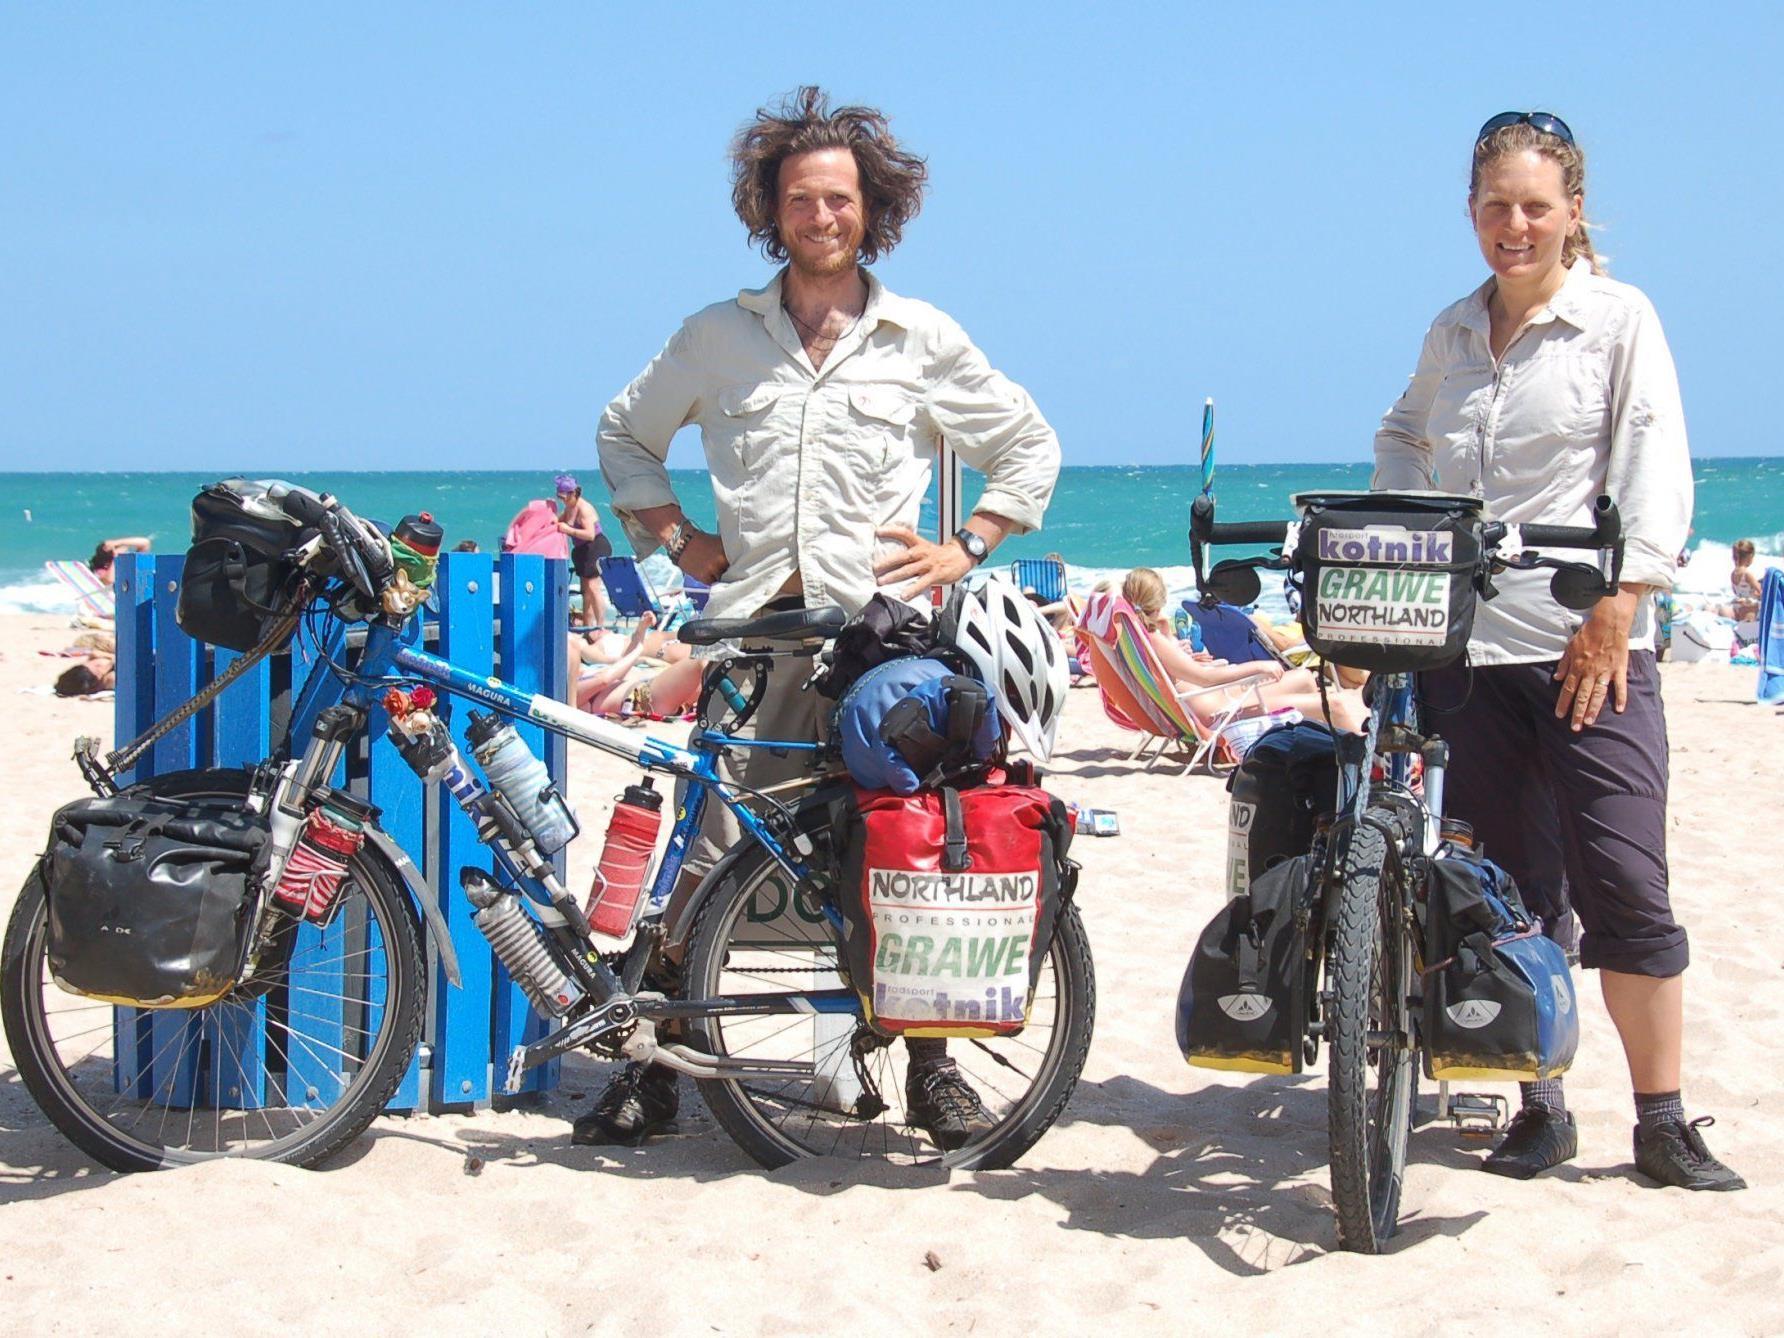 Valeska und Philipp waren im Oktober 2006 zu ihrer Radtour rund um die Welt aufgebrochen.